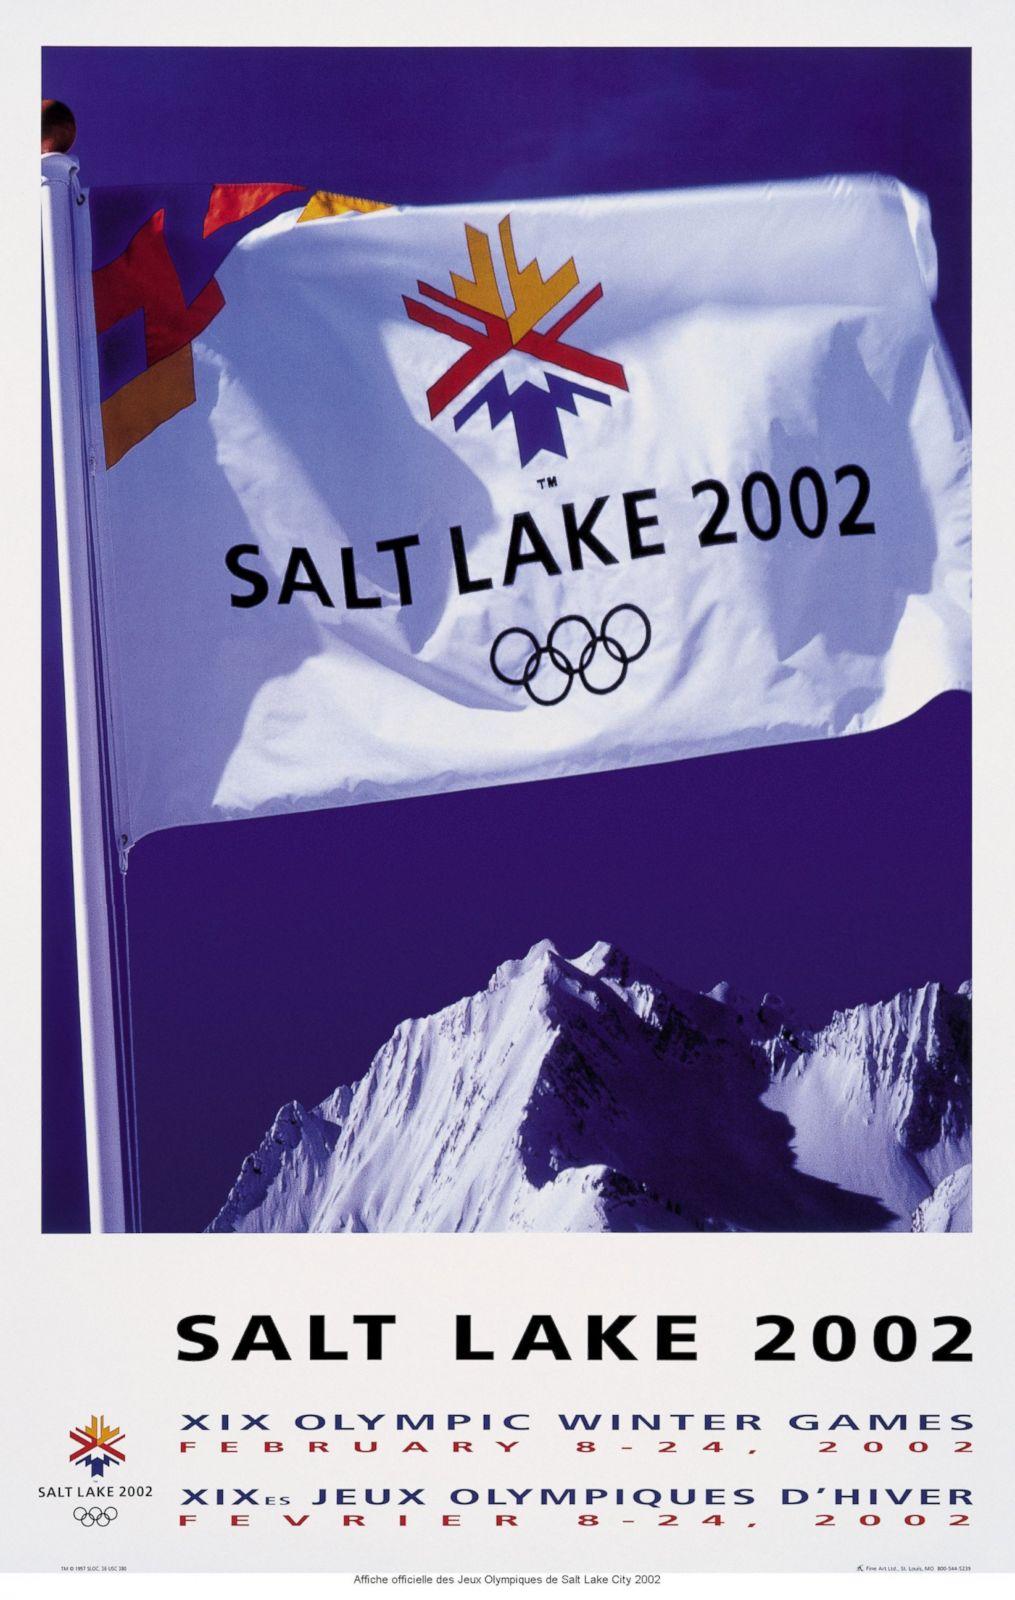 2002 Winter Olympics - Salt Lake City, Utah, United States